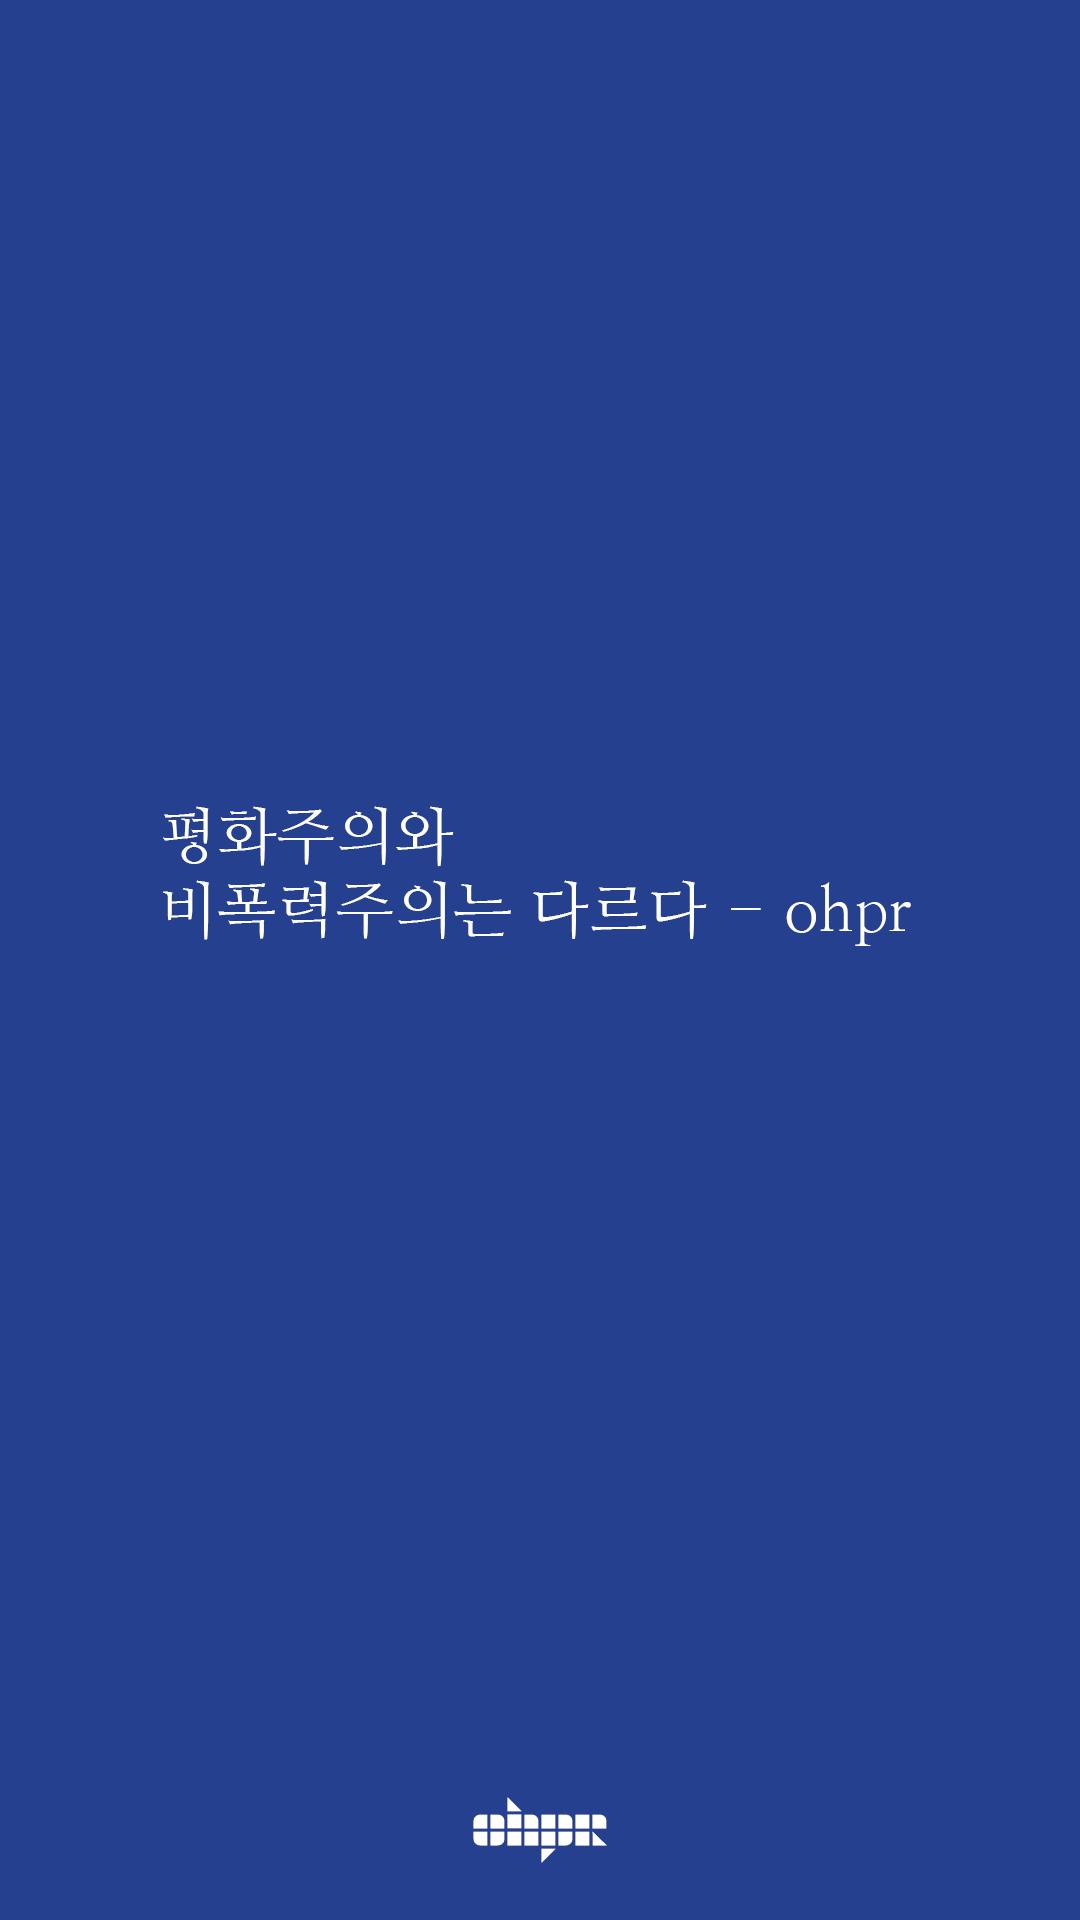 ohpr_wording3